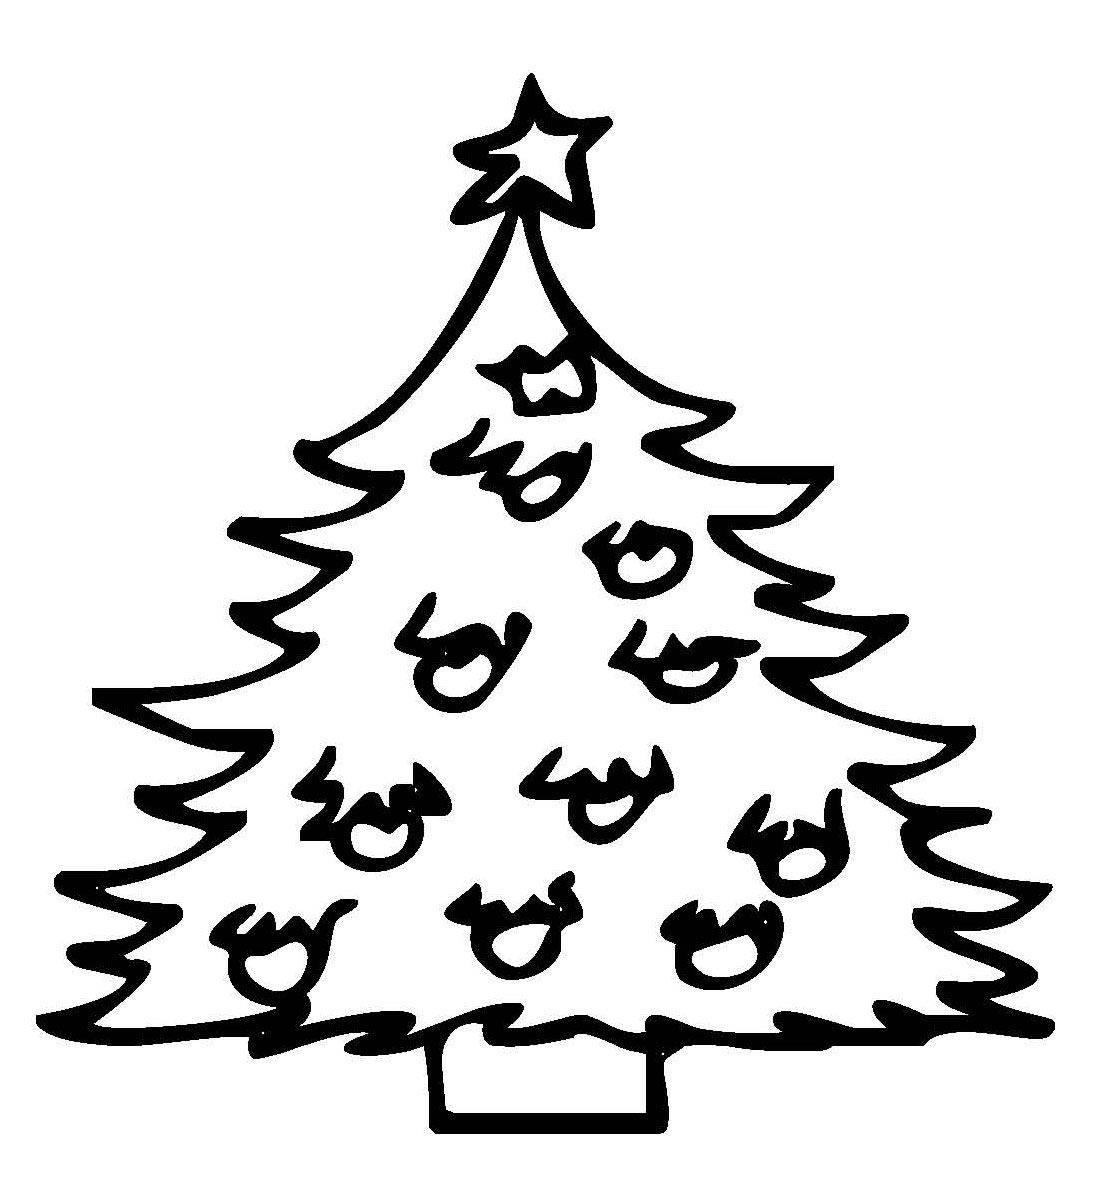 Kostenlose Ausmalbilder Und Malvorlagen: Weihnachtsbäume Zum über Tannenbaum Zum Ausmalen